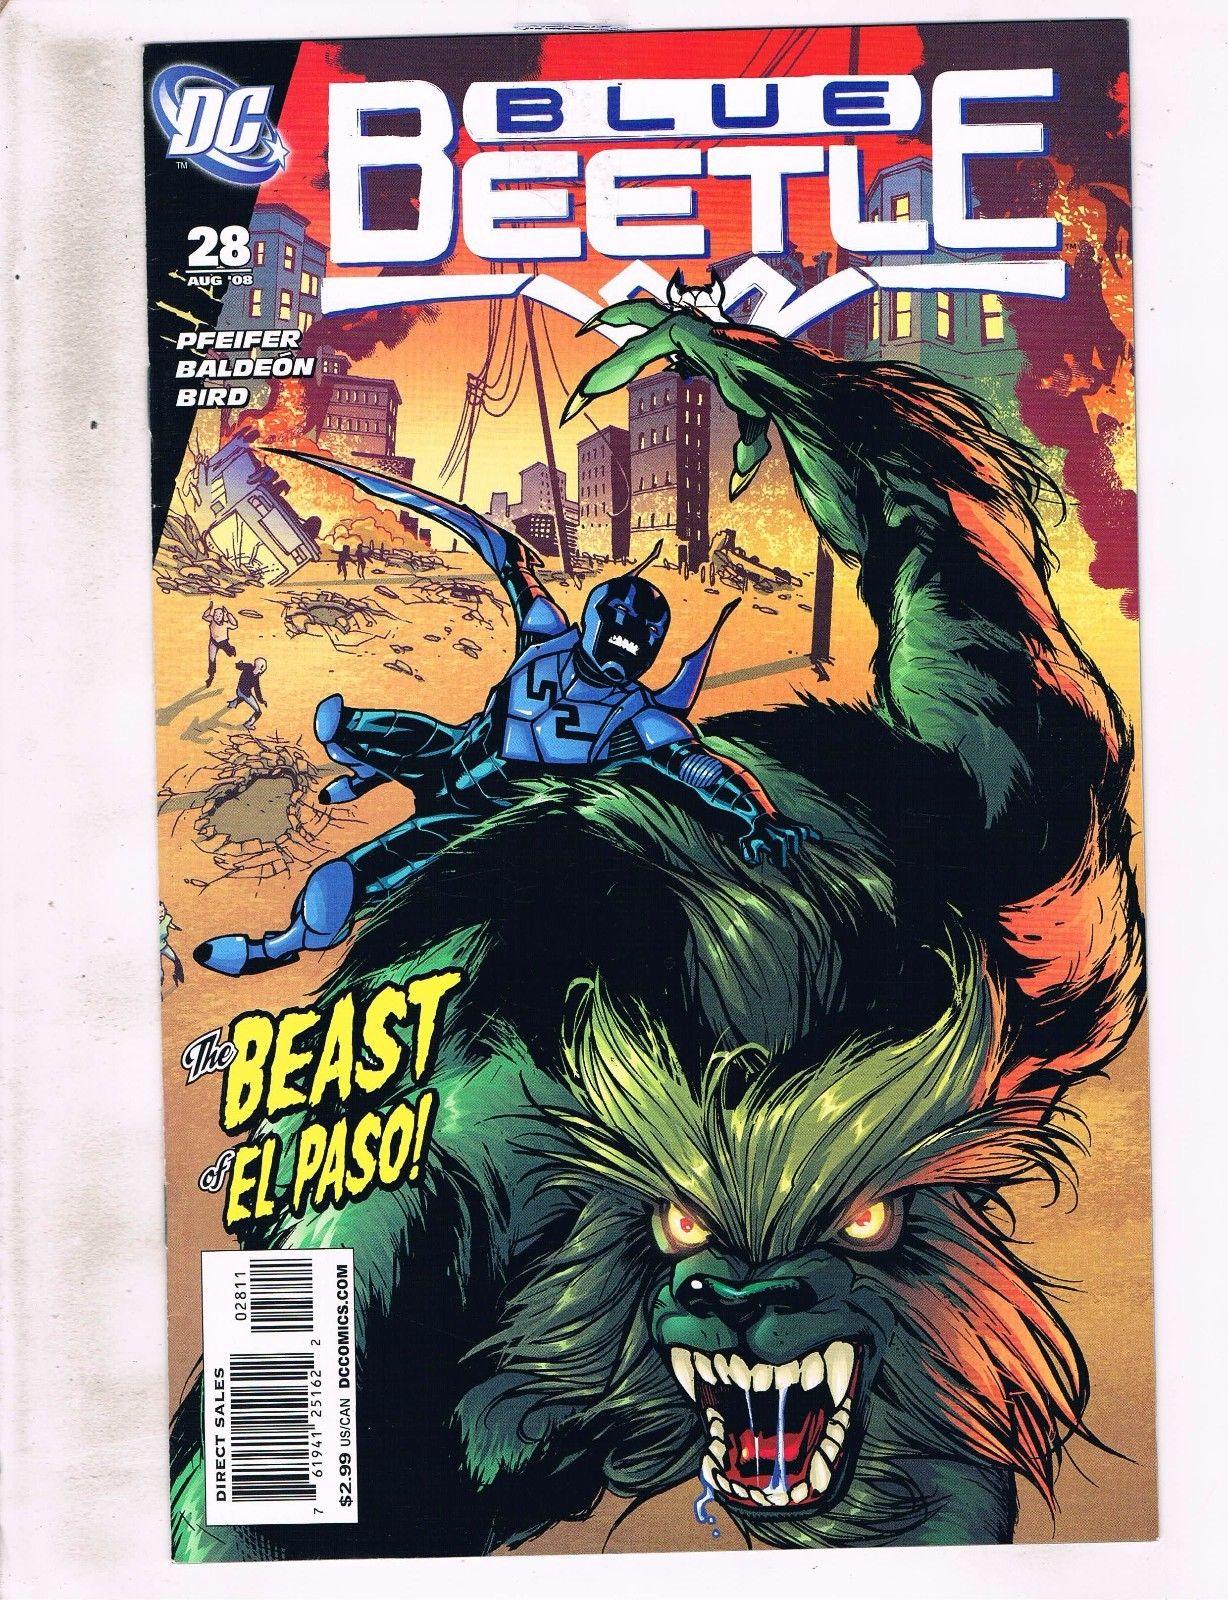 BLUE BEETLE #3 COMIC DC 2016 1st Print